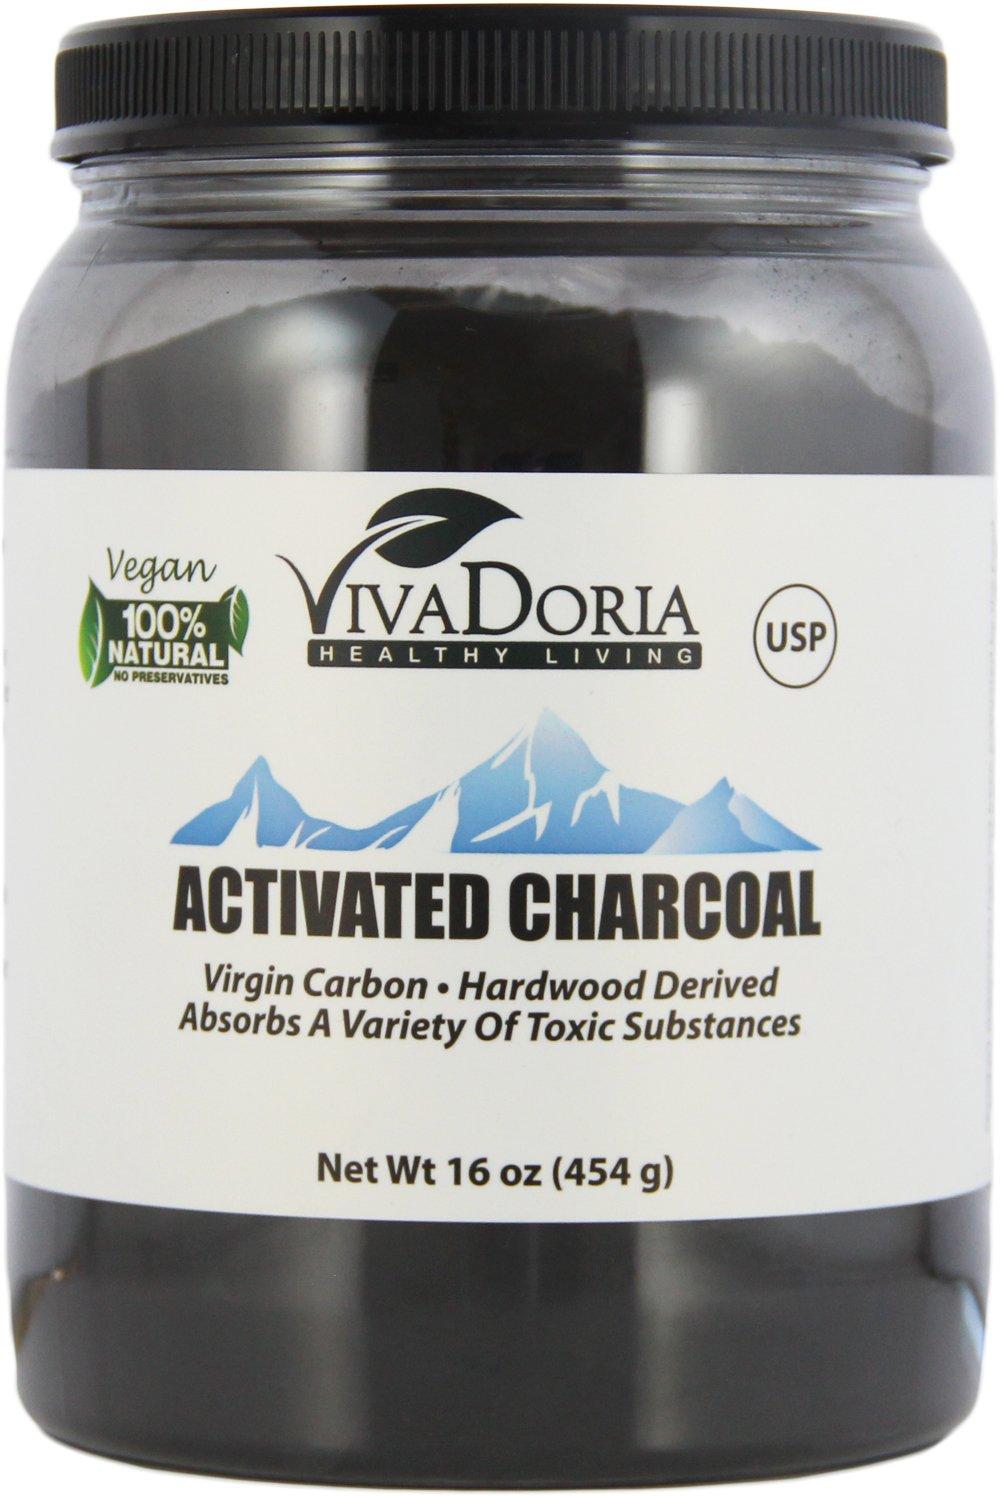 Viva Doria Virgin Activated Charcoal Powder Food Grade, 1 lb (16 oz)